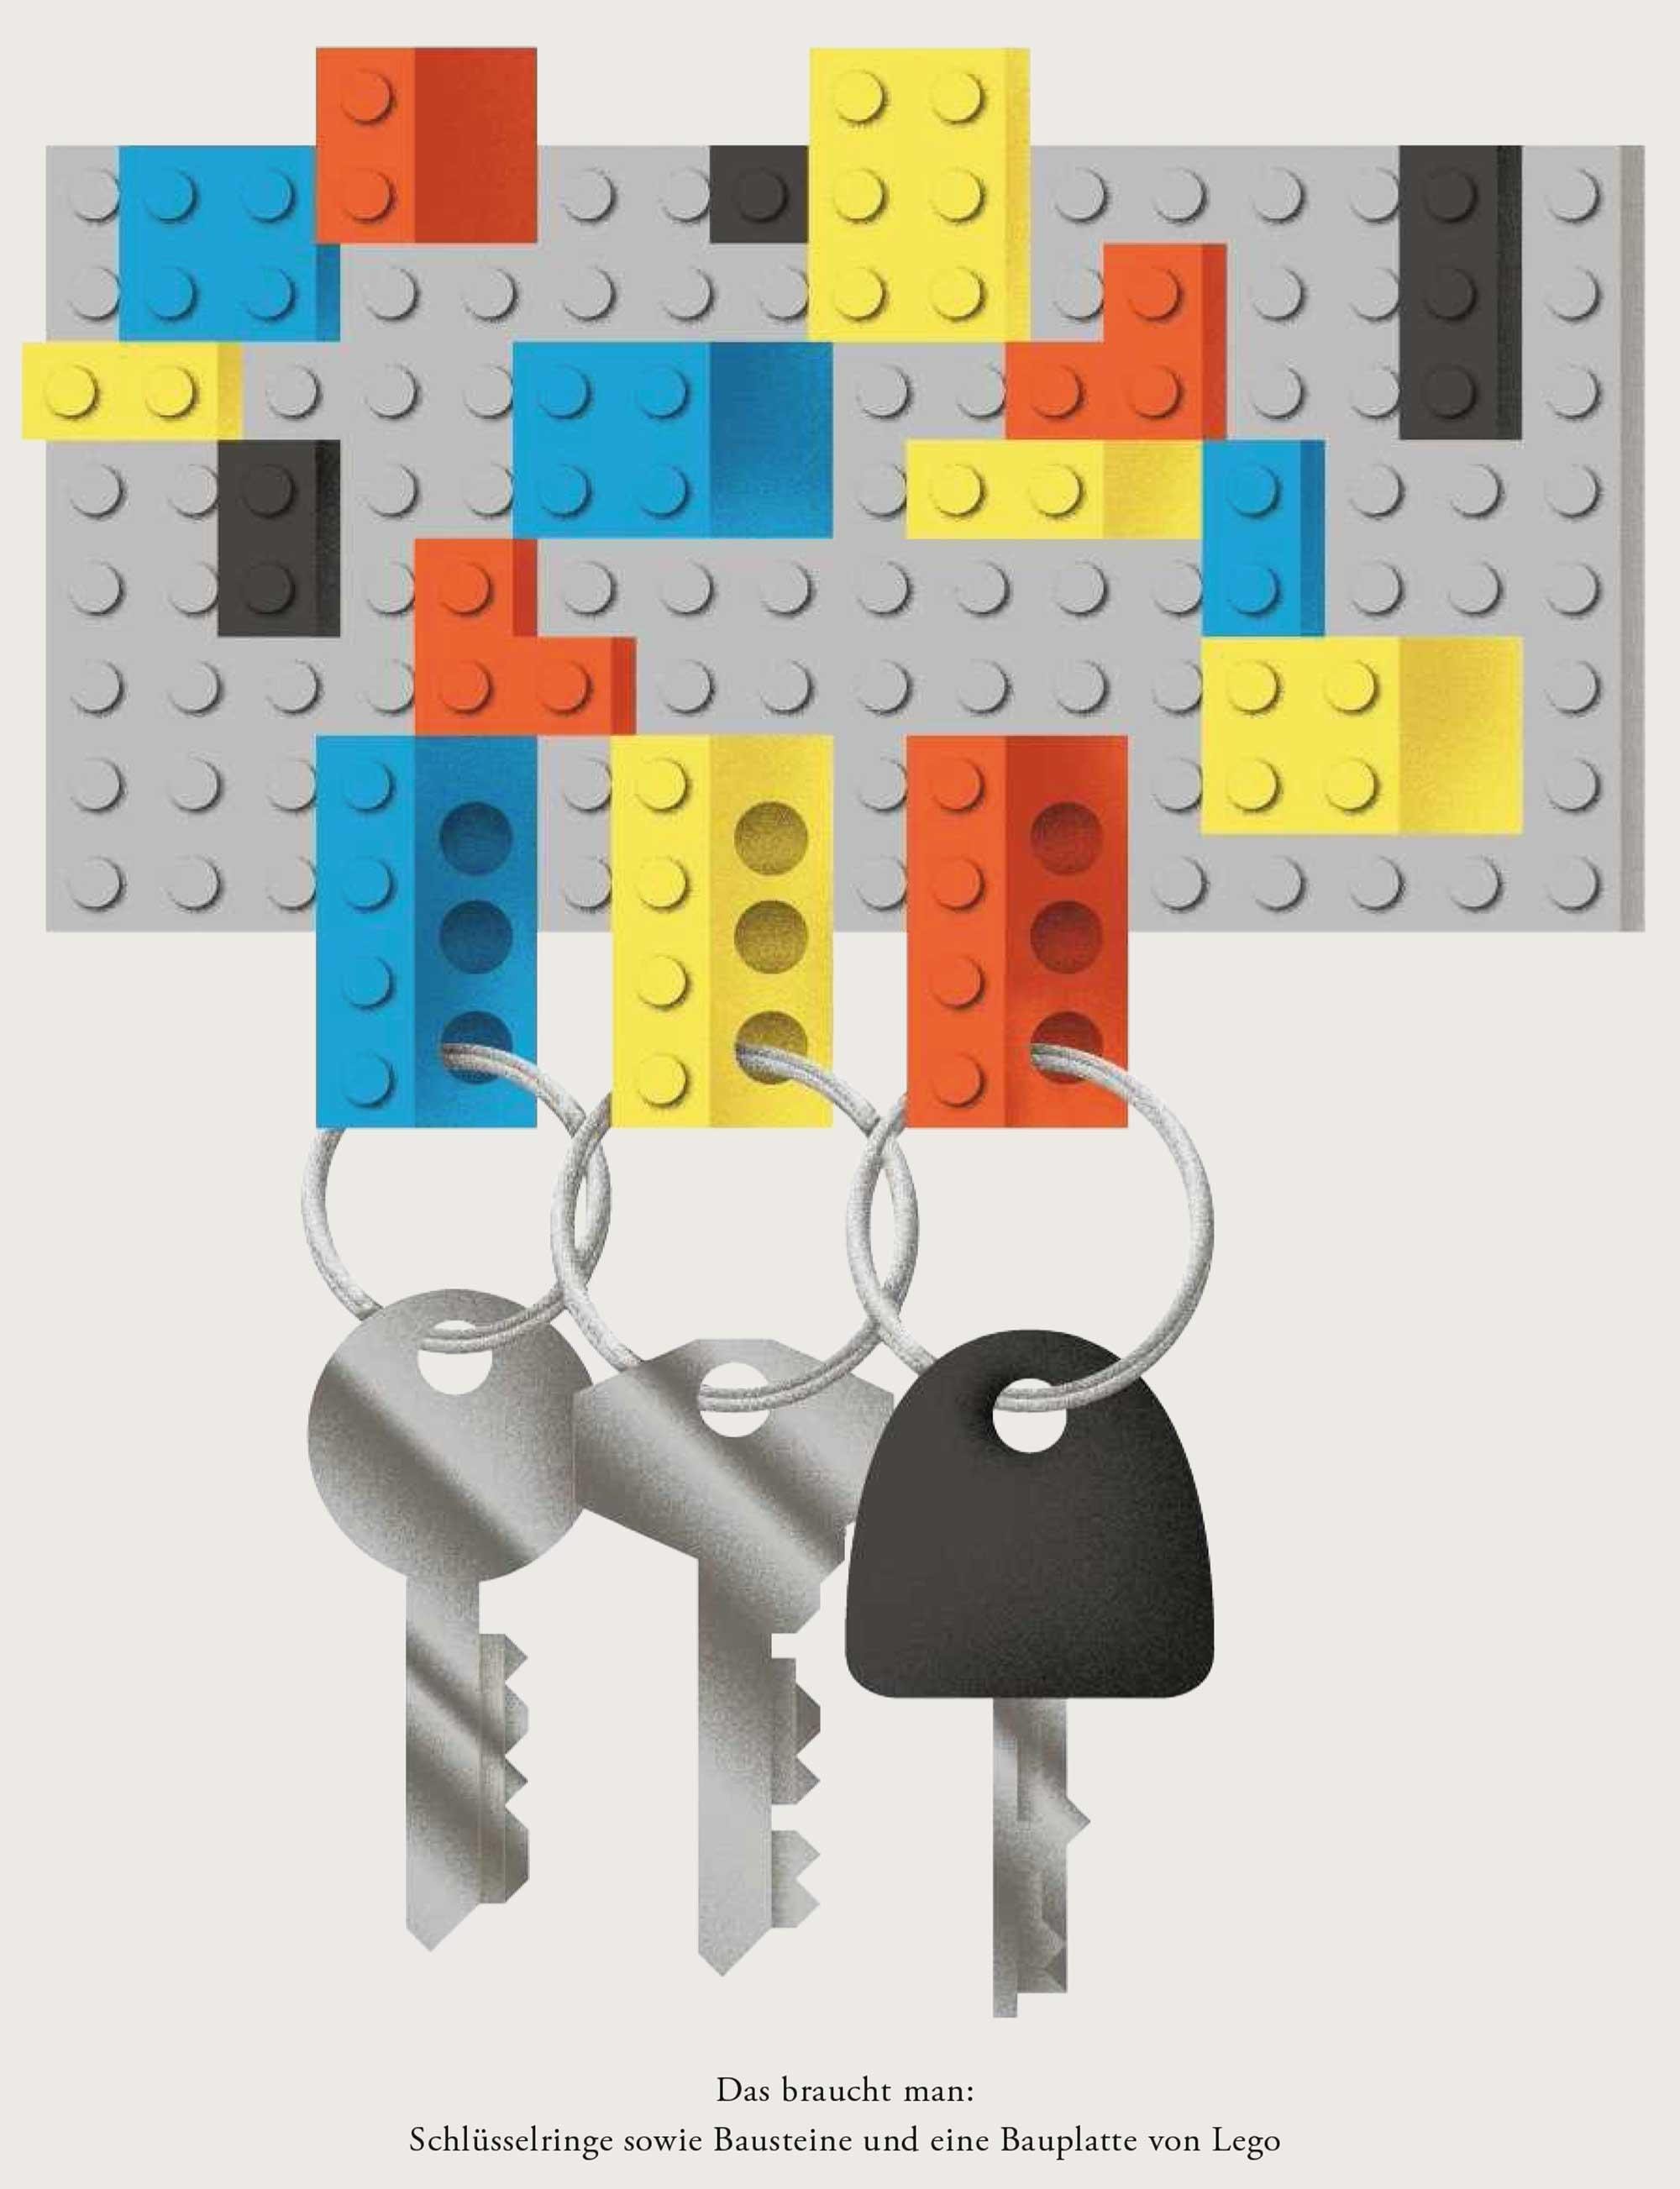 wundertüte: ein schlüsselbrett aus lego | zeitmagazin